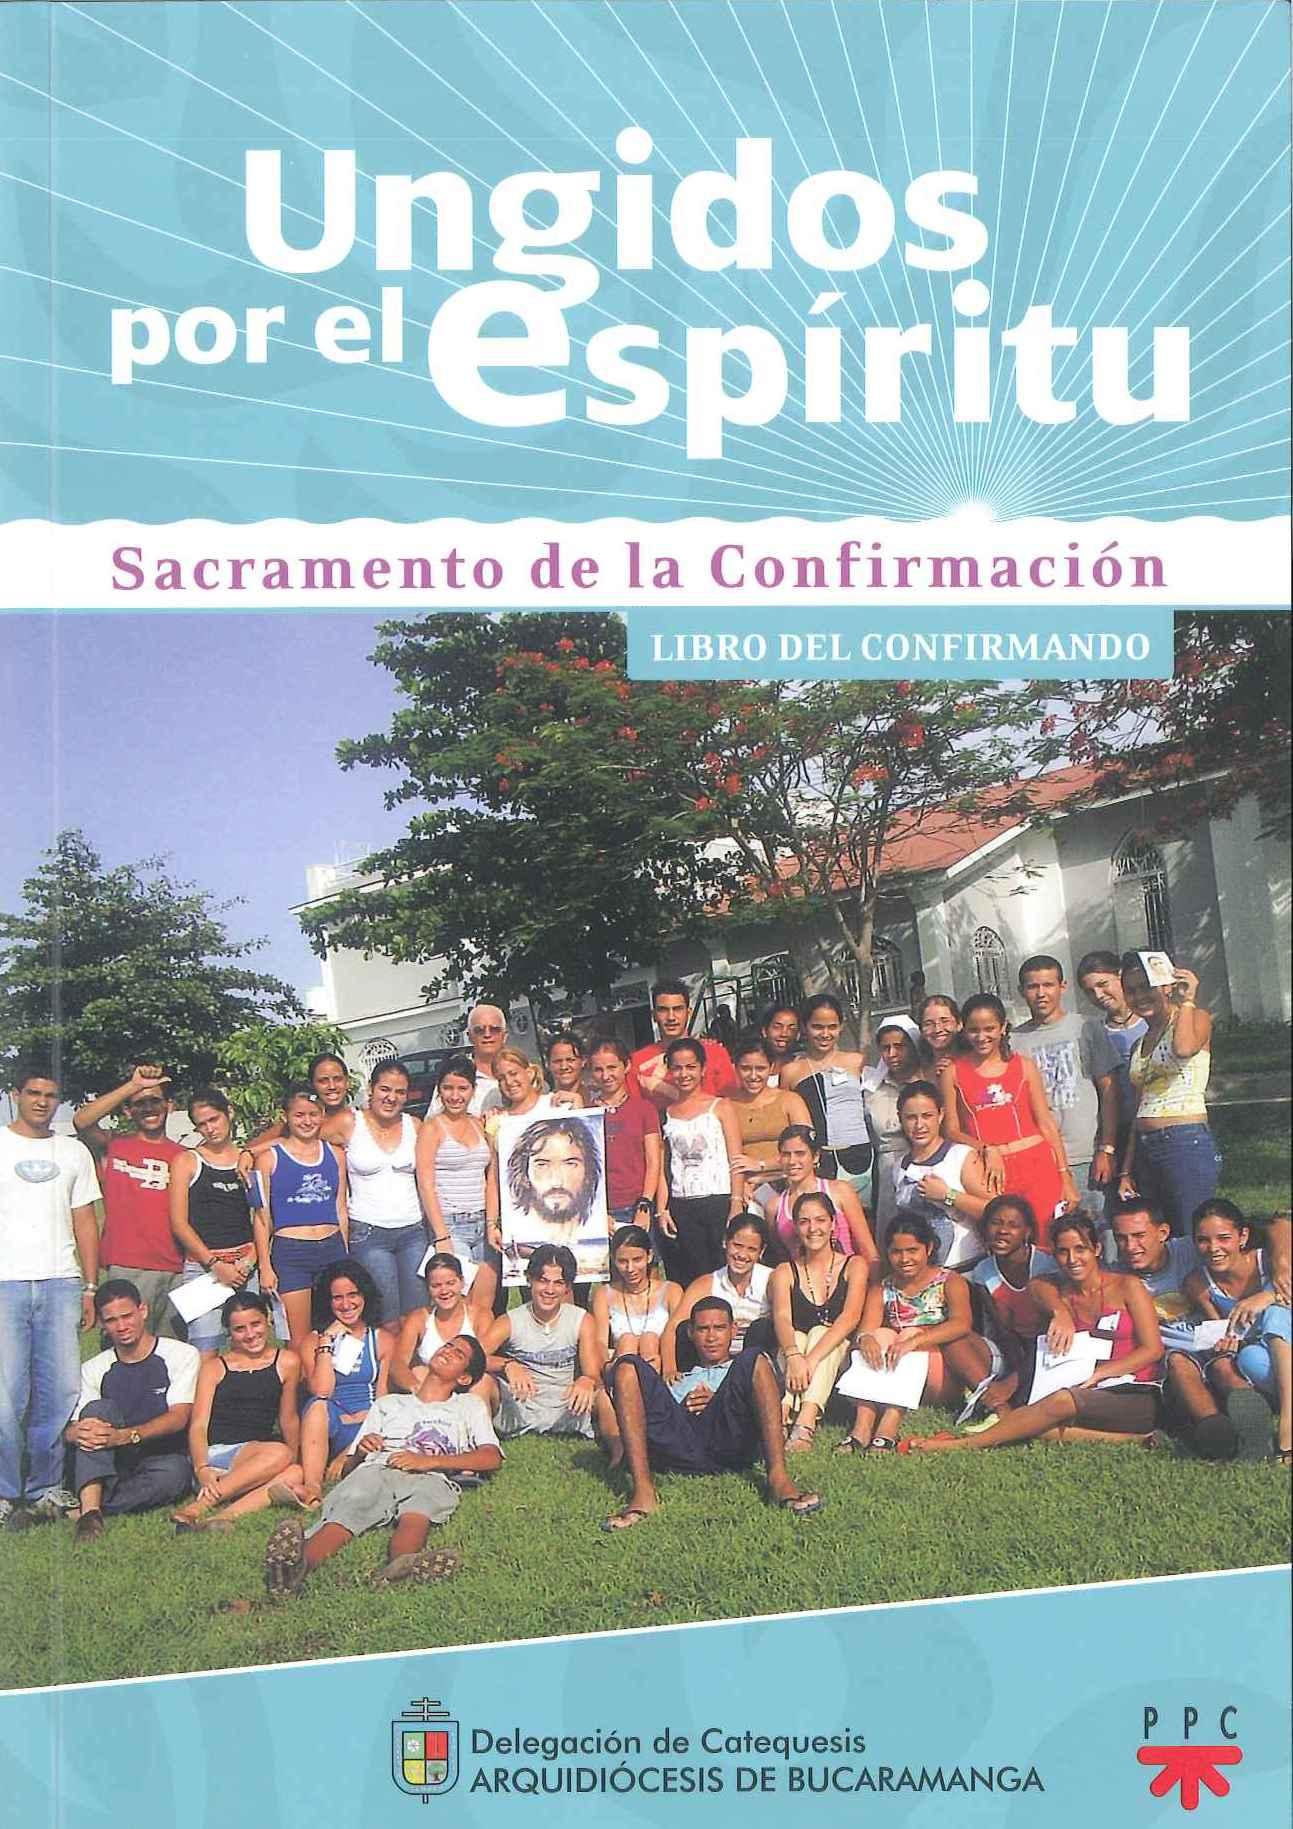 Ungidos por el Espíritu